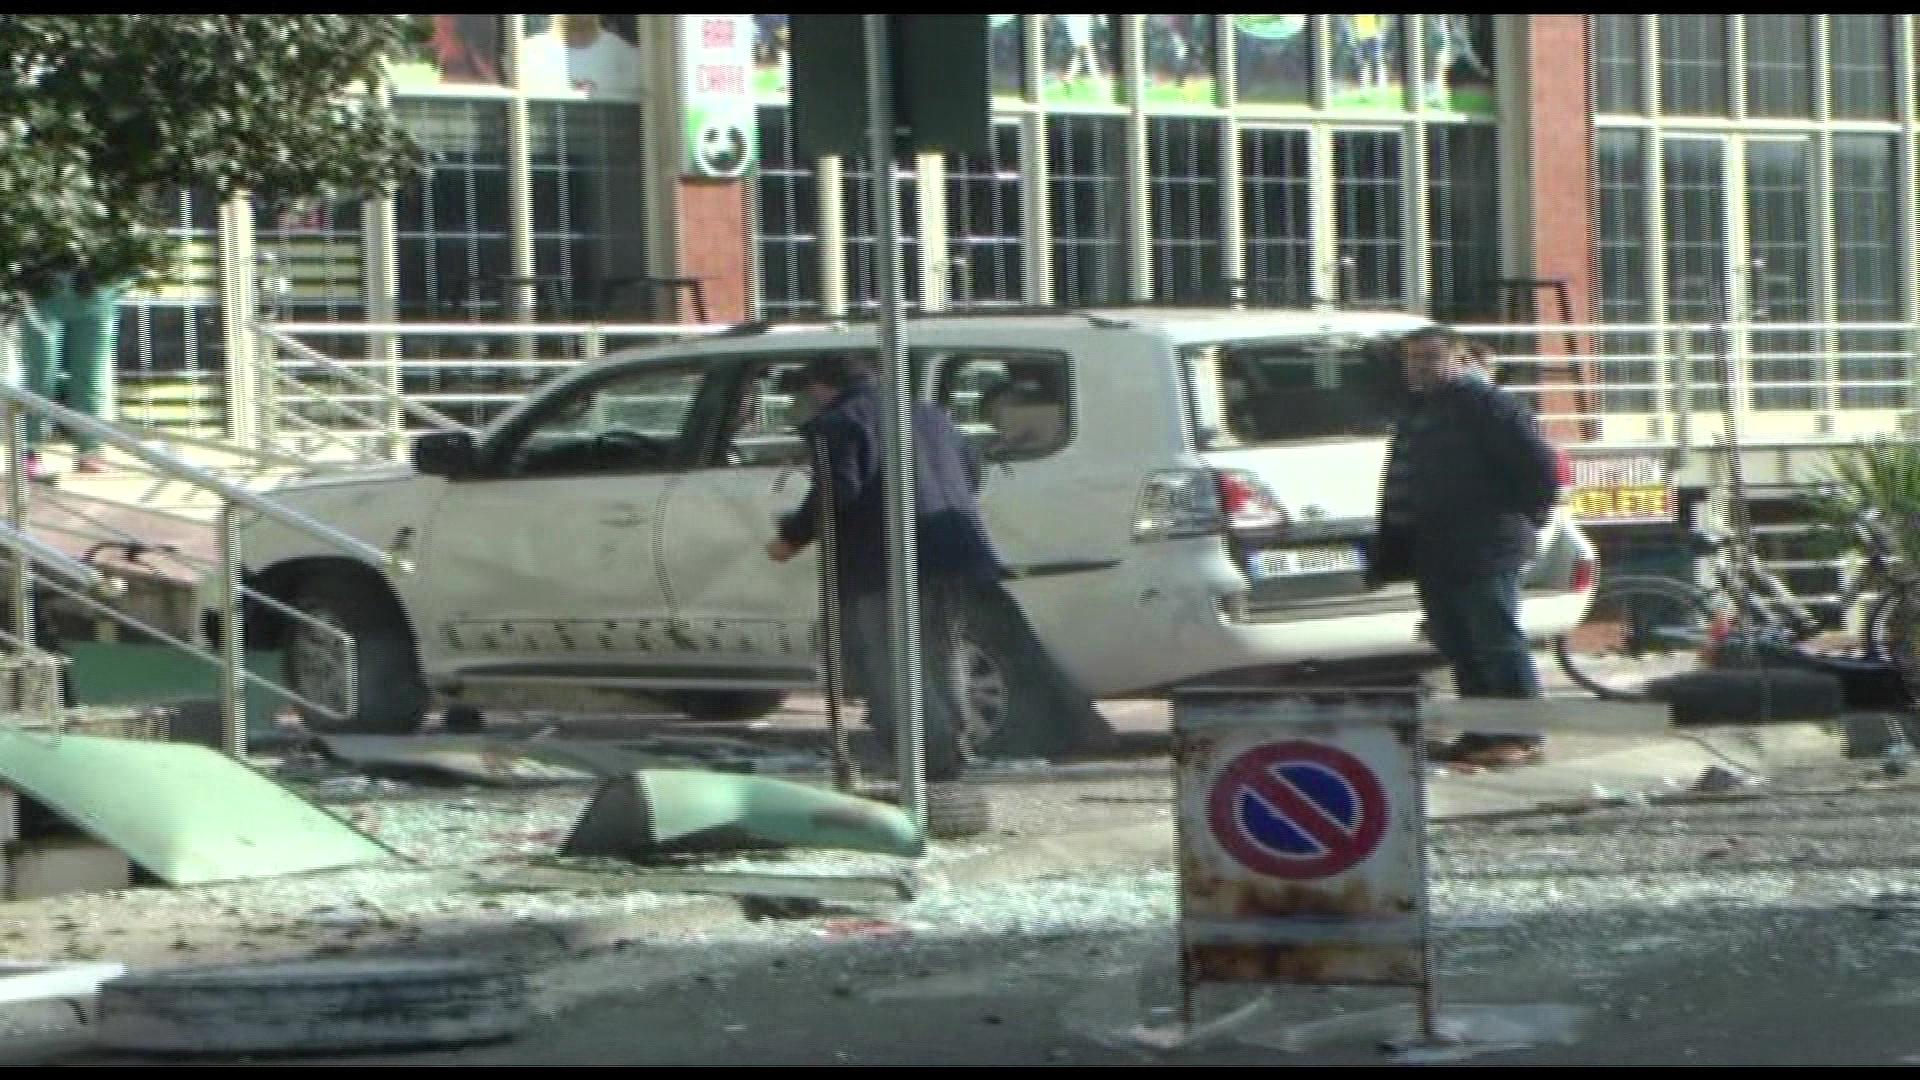 Shpërthimi në Shkodër/Shefi i Komisariatit: Kemi detaje sekrete